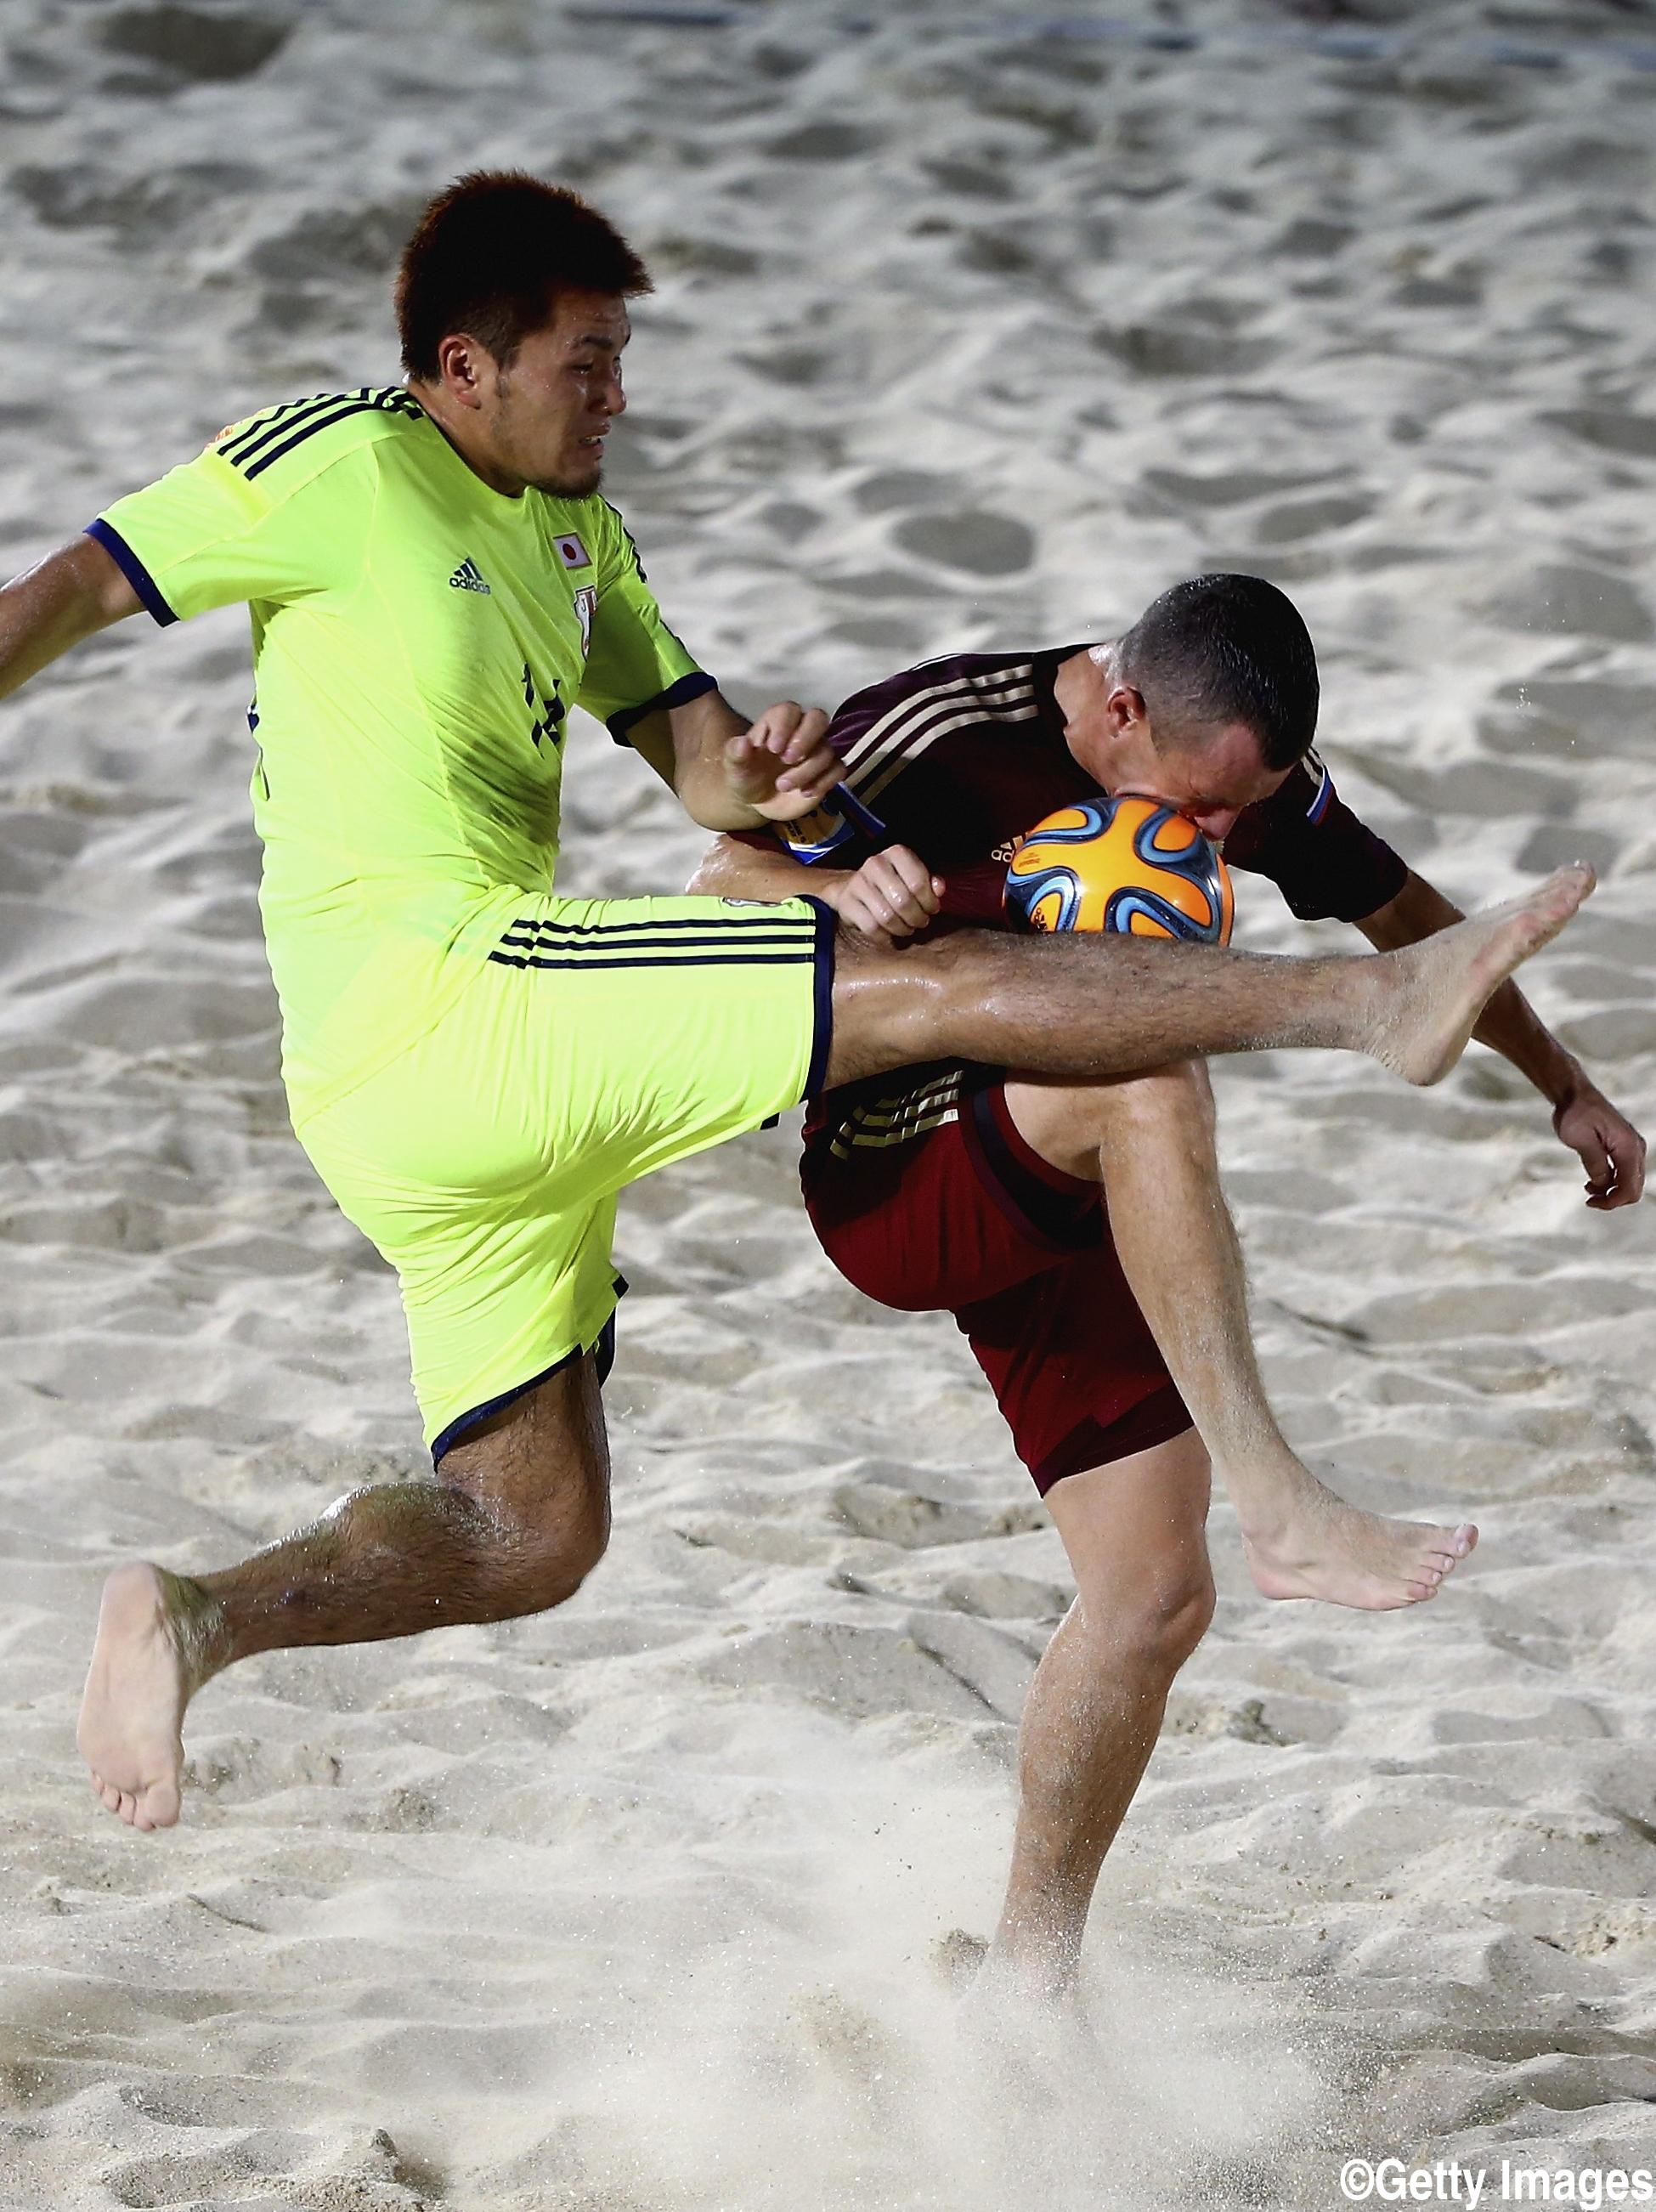 ビーチサッカー日本代表は中国撃破で準決勝へ